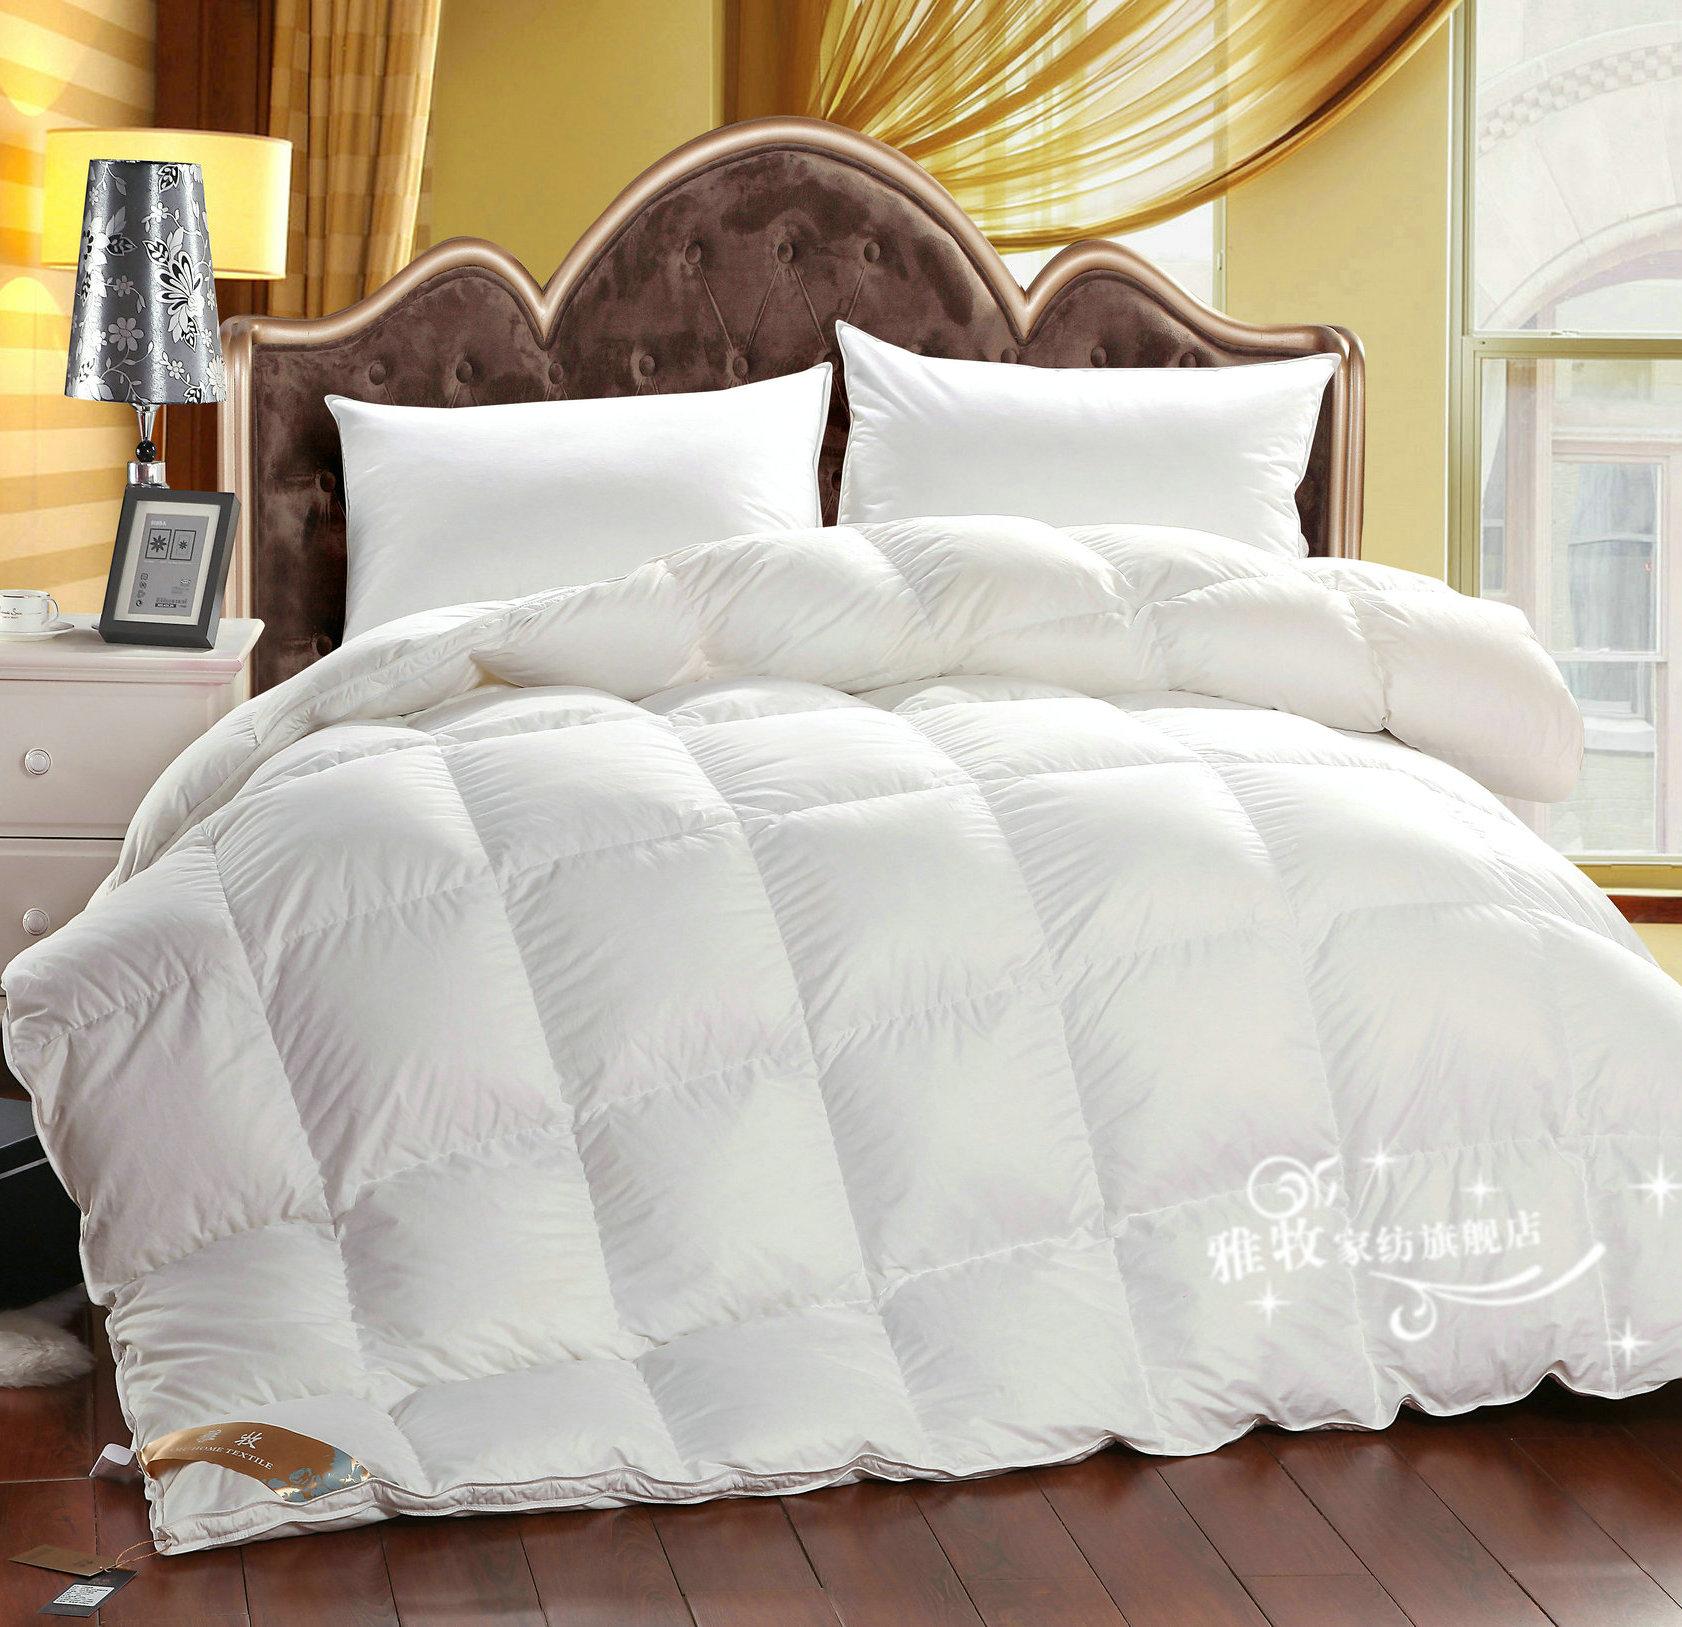 achetez en gros couette en plume d 39 oie en ligne des grossistes couette en plume d 39 oie chinois. Black Bedroom Furniture Sets. Home Design Ideas